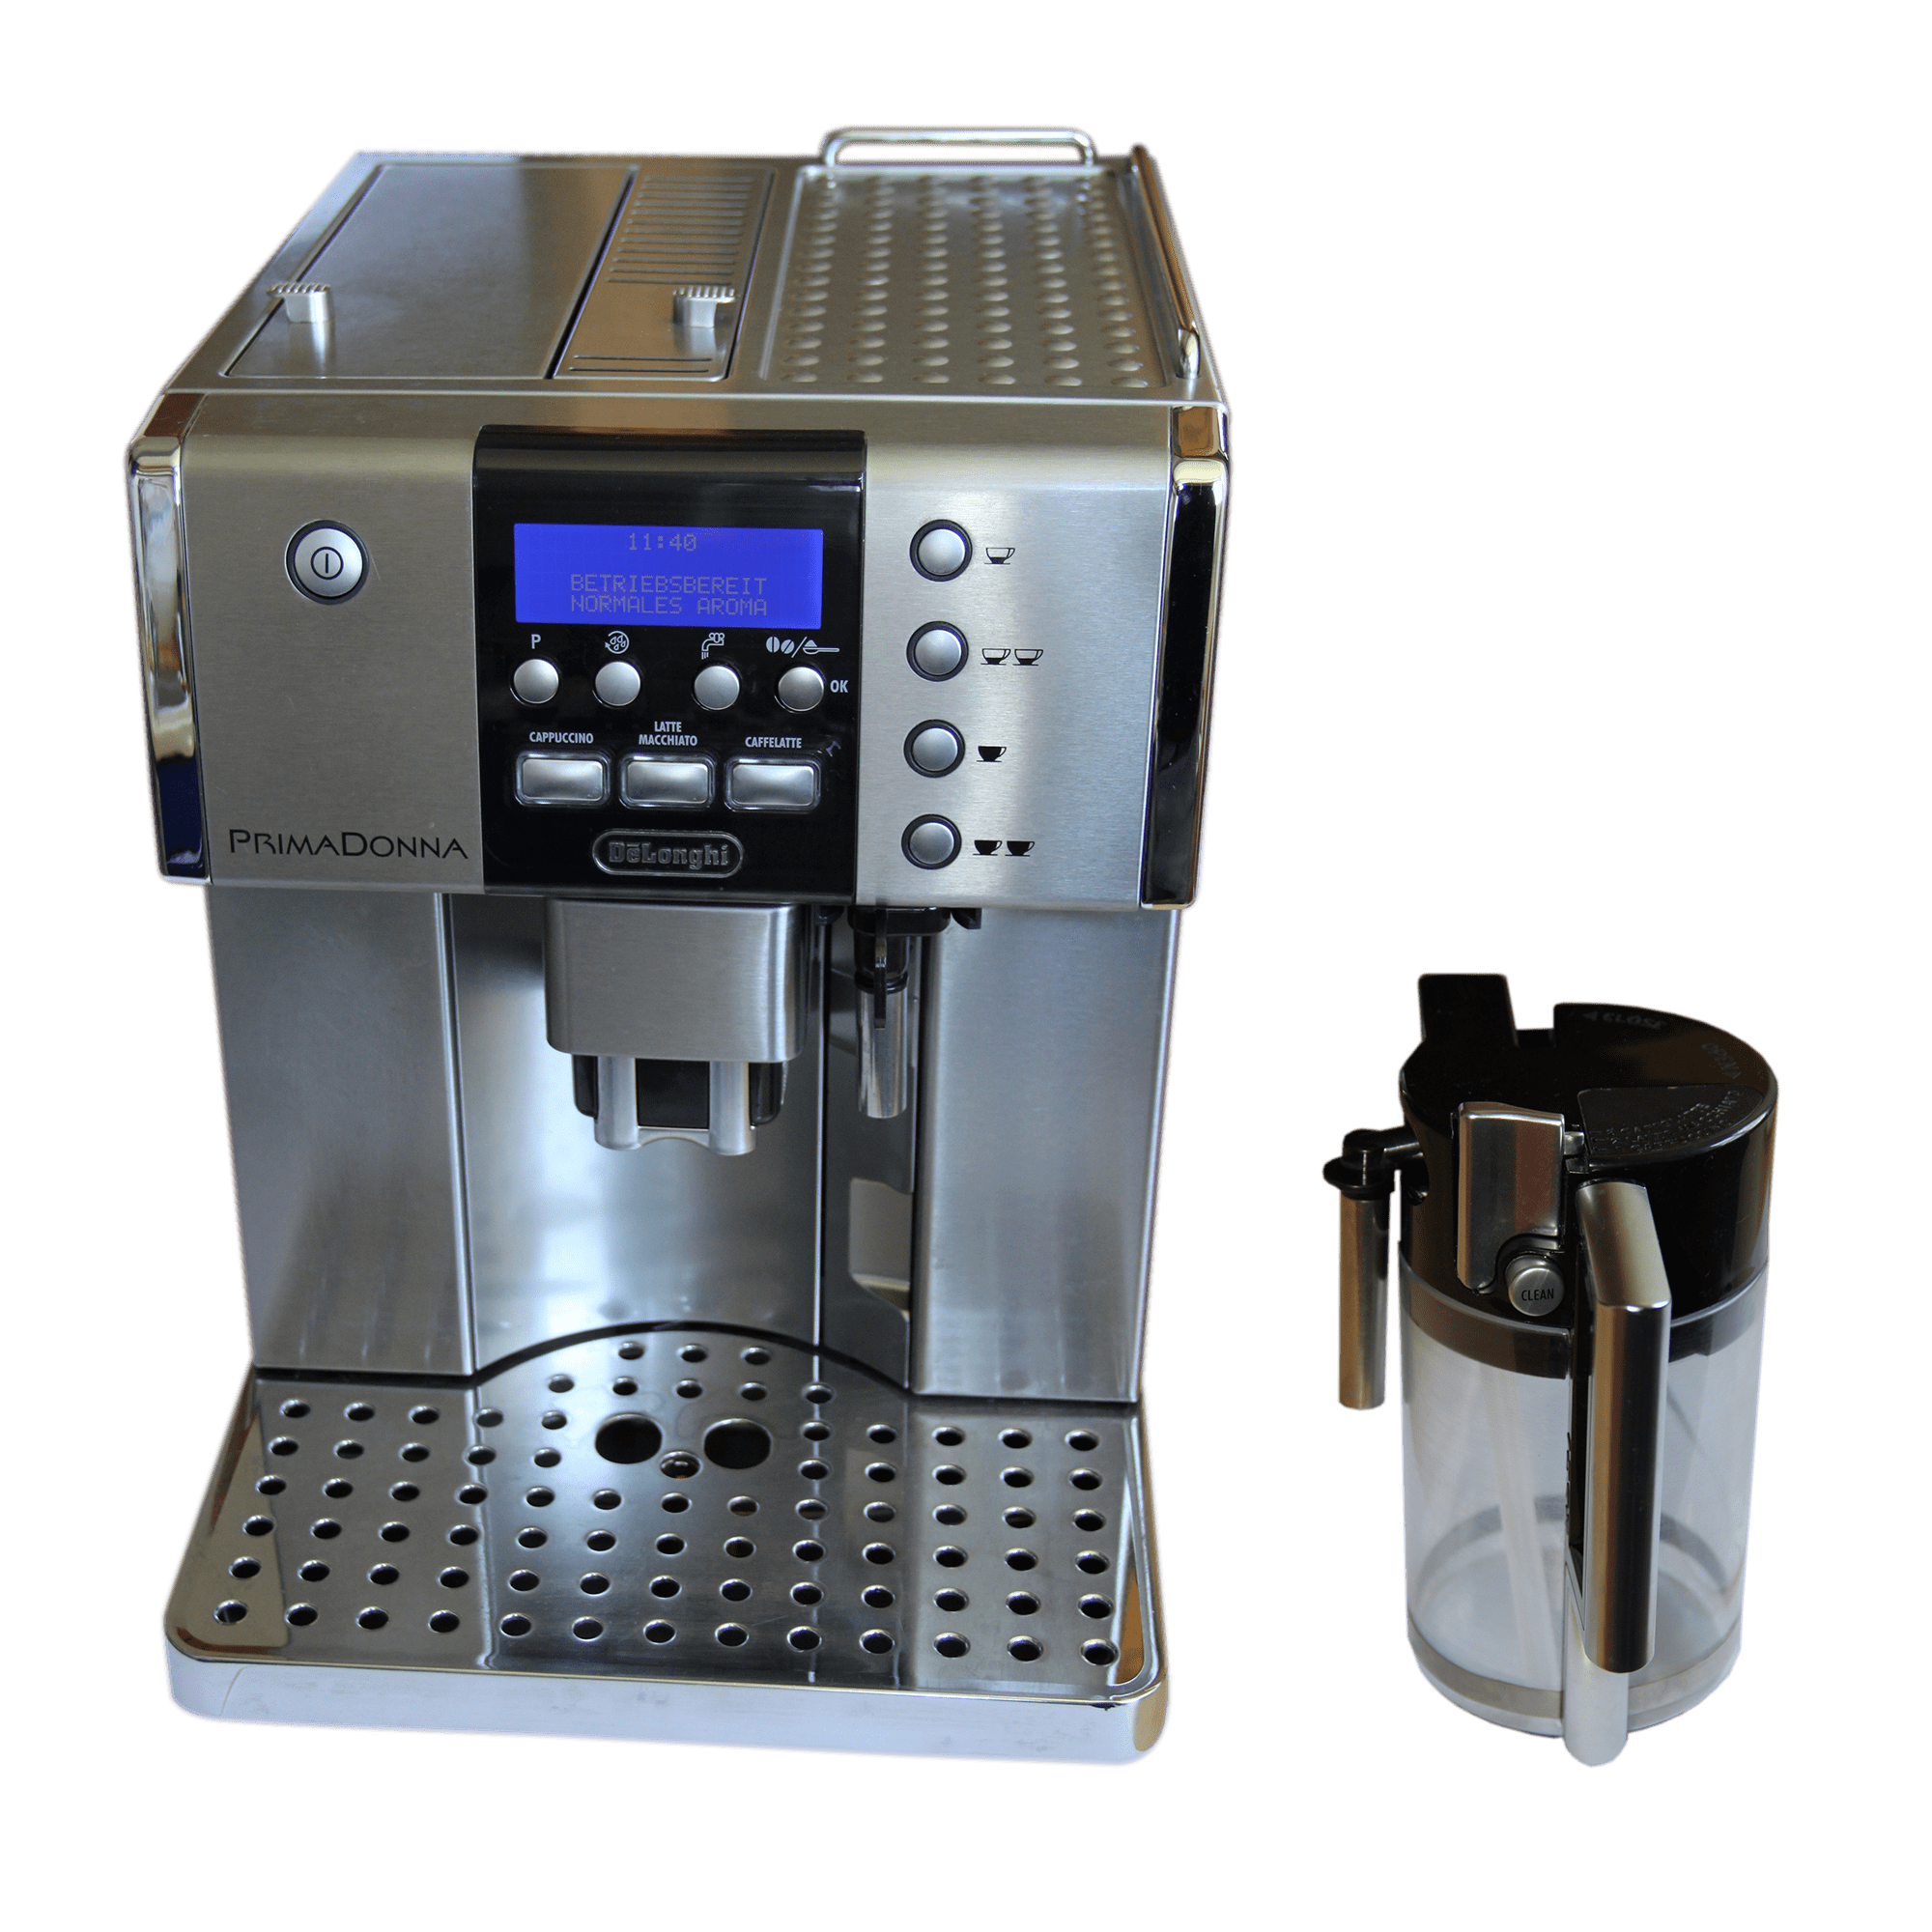 Delonghi_Primadonna_ESAM_6600_Kaffeevollautomat-min